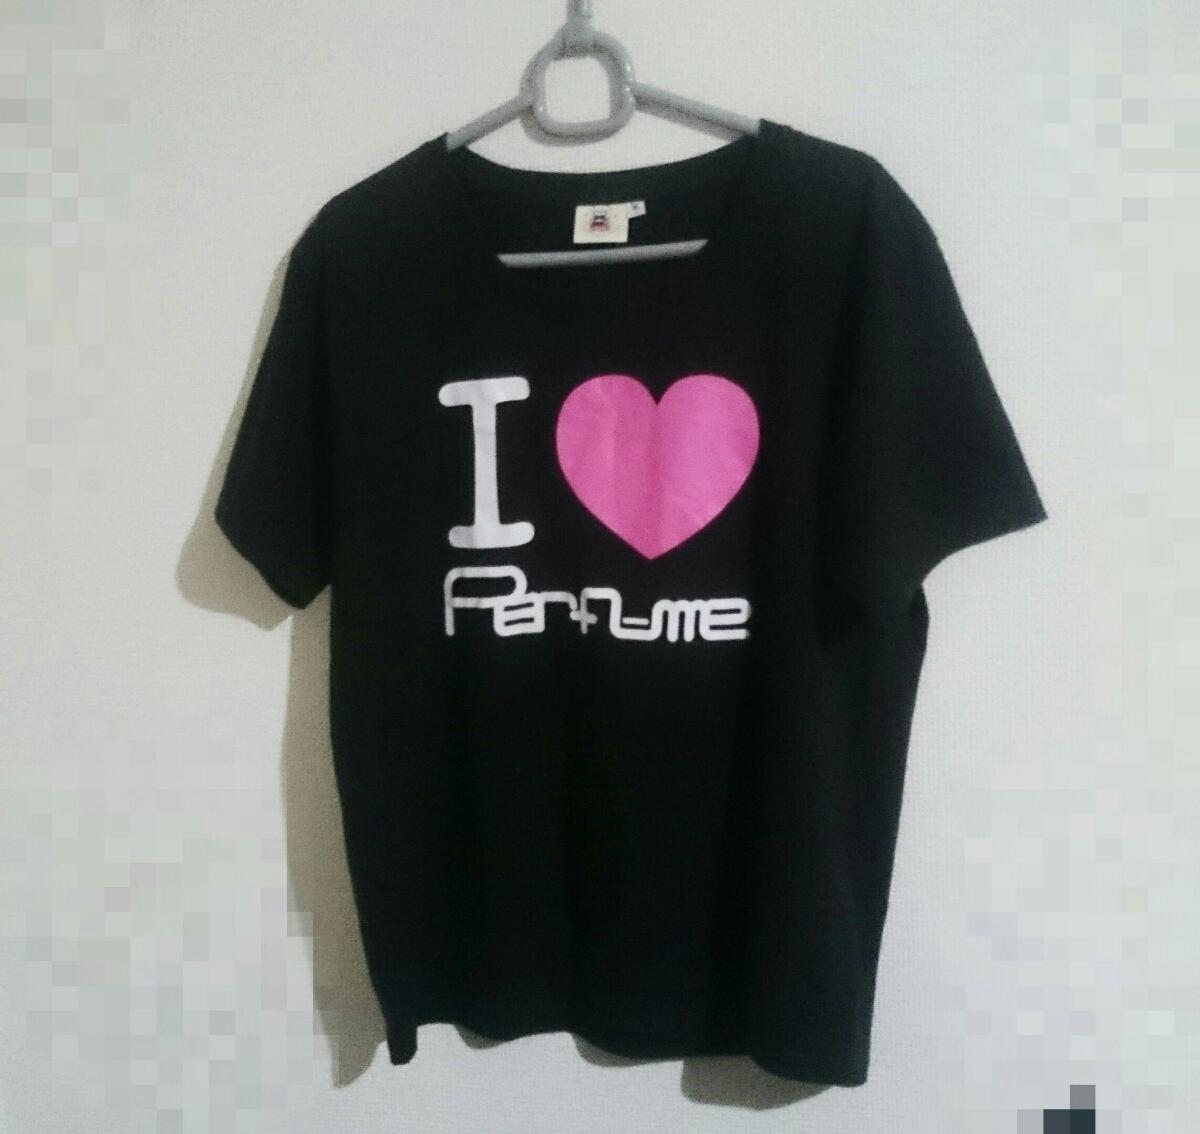 ☆ Perfume 即決も! Tシャツ I LOVE Perfume アニバーサリー PTA 多数出品!